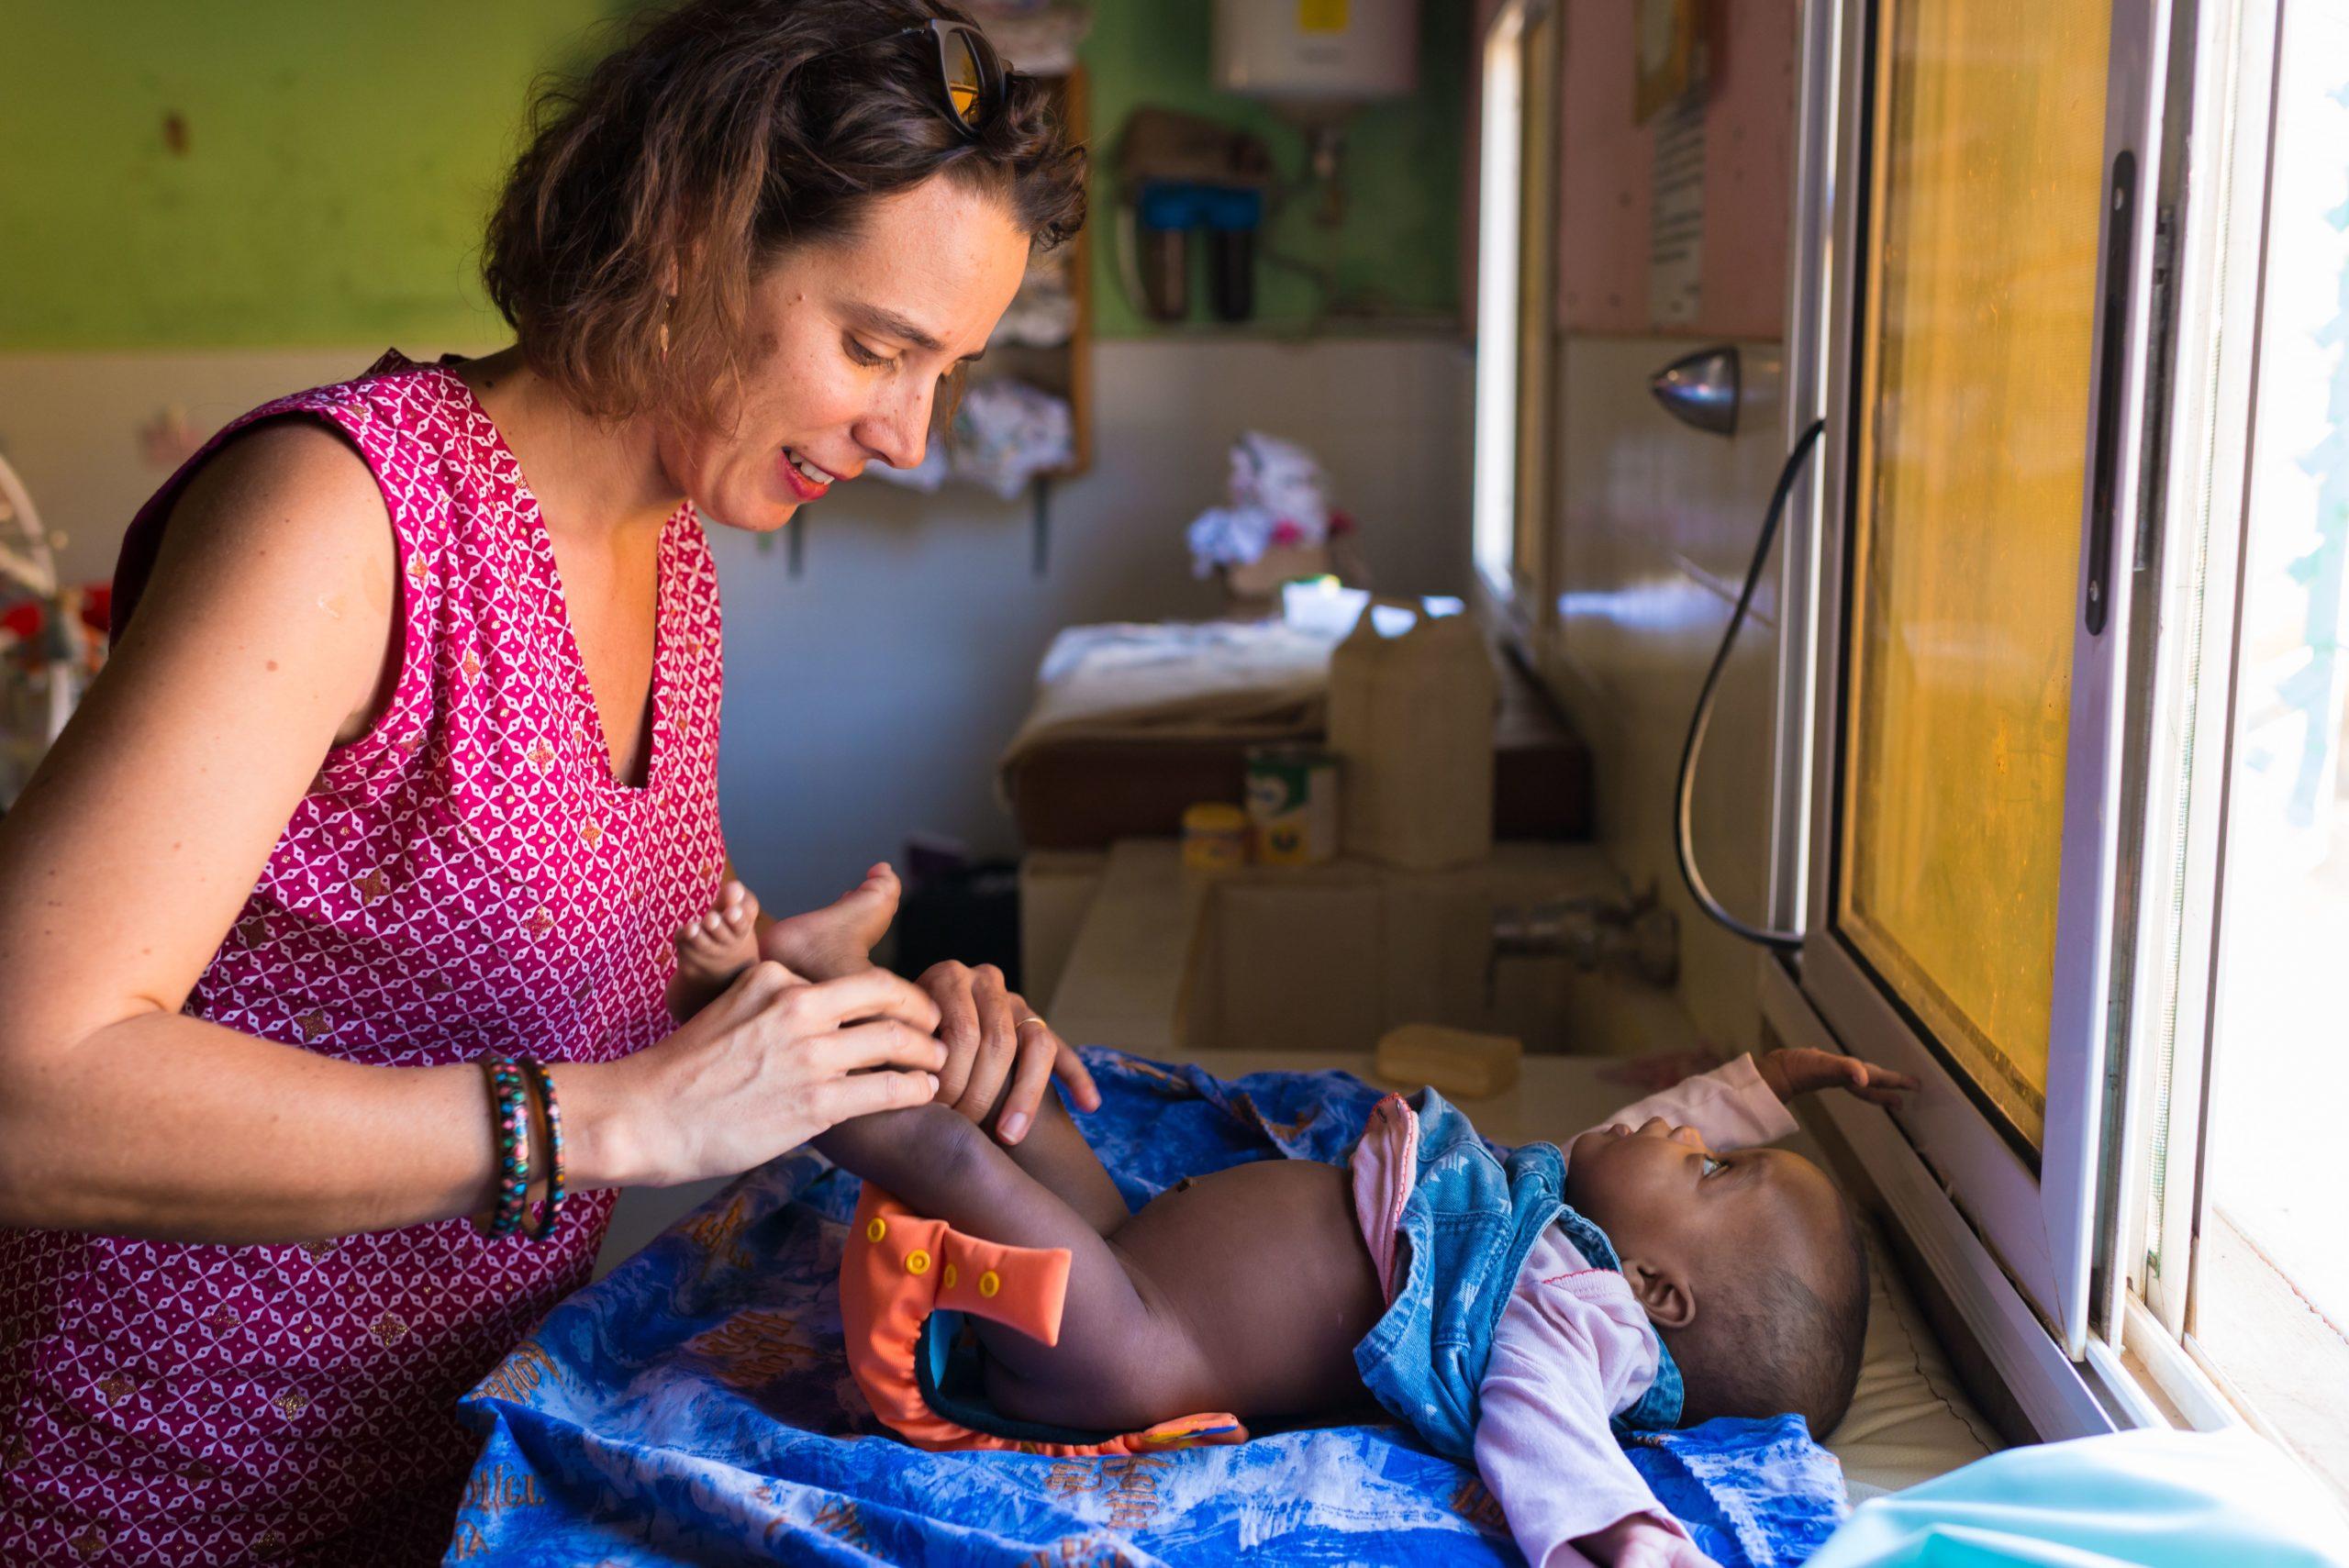 Une femme est en train d'installer une couche lavable toute-en-deux ApiAfrique Orange à un petit garçon